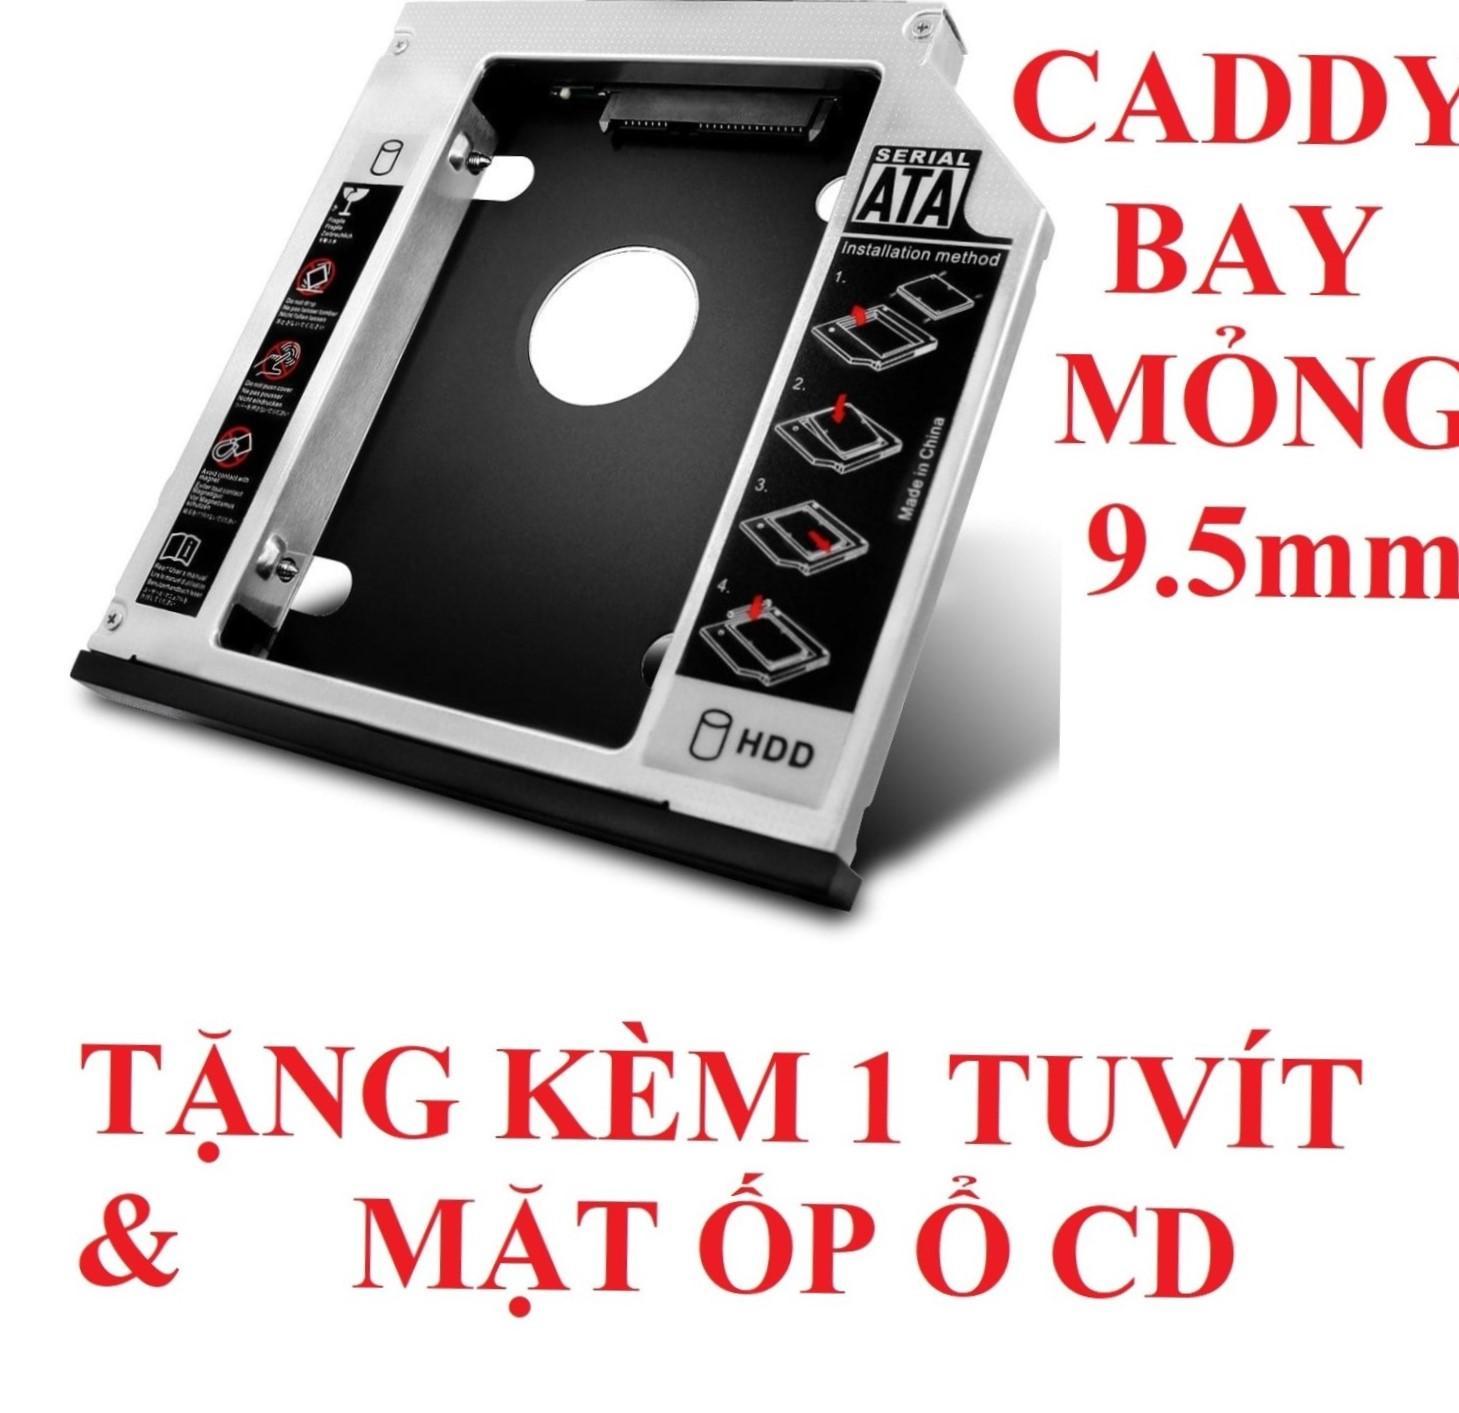 Khay gắn HDD/SSD cổng DVD - Caddy Bay SATA gắn thêm ổ cứng cho Laptop 9.5mm Mỏng - oden0238